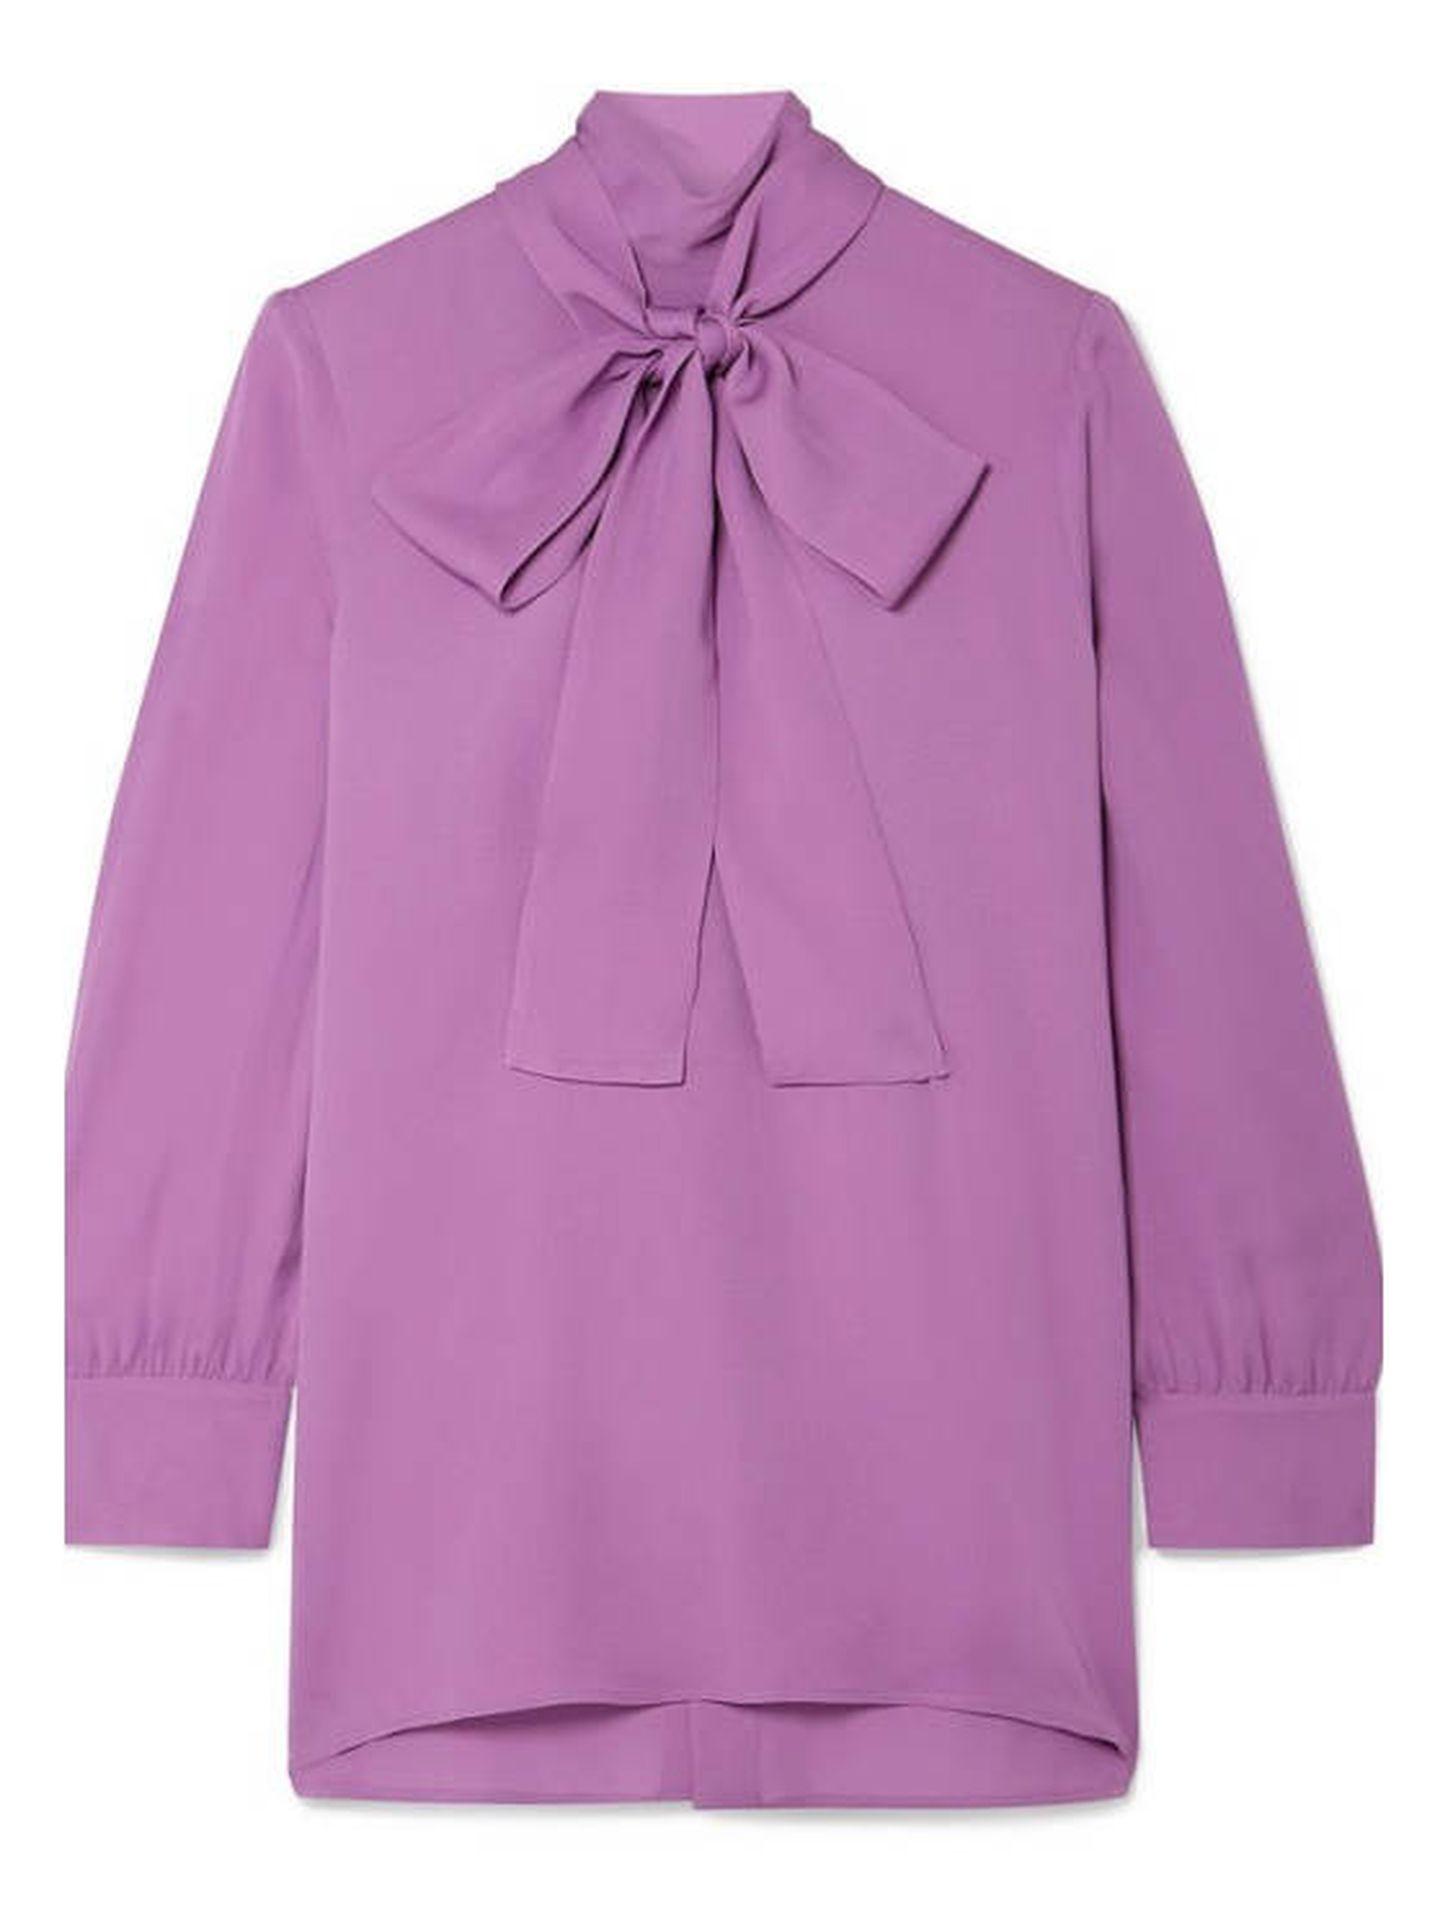 La blusa de Gucci que tiene Kate Middleton. (Cortesía)